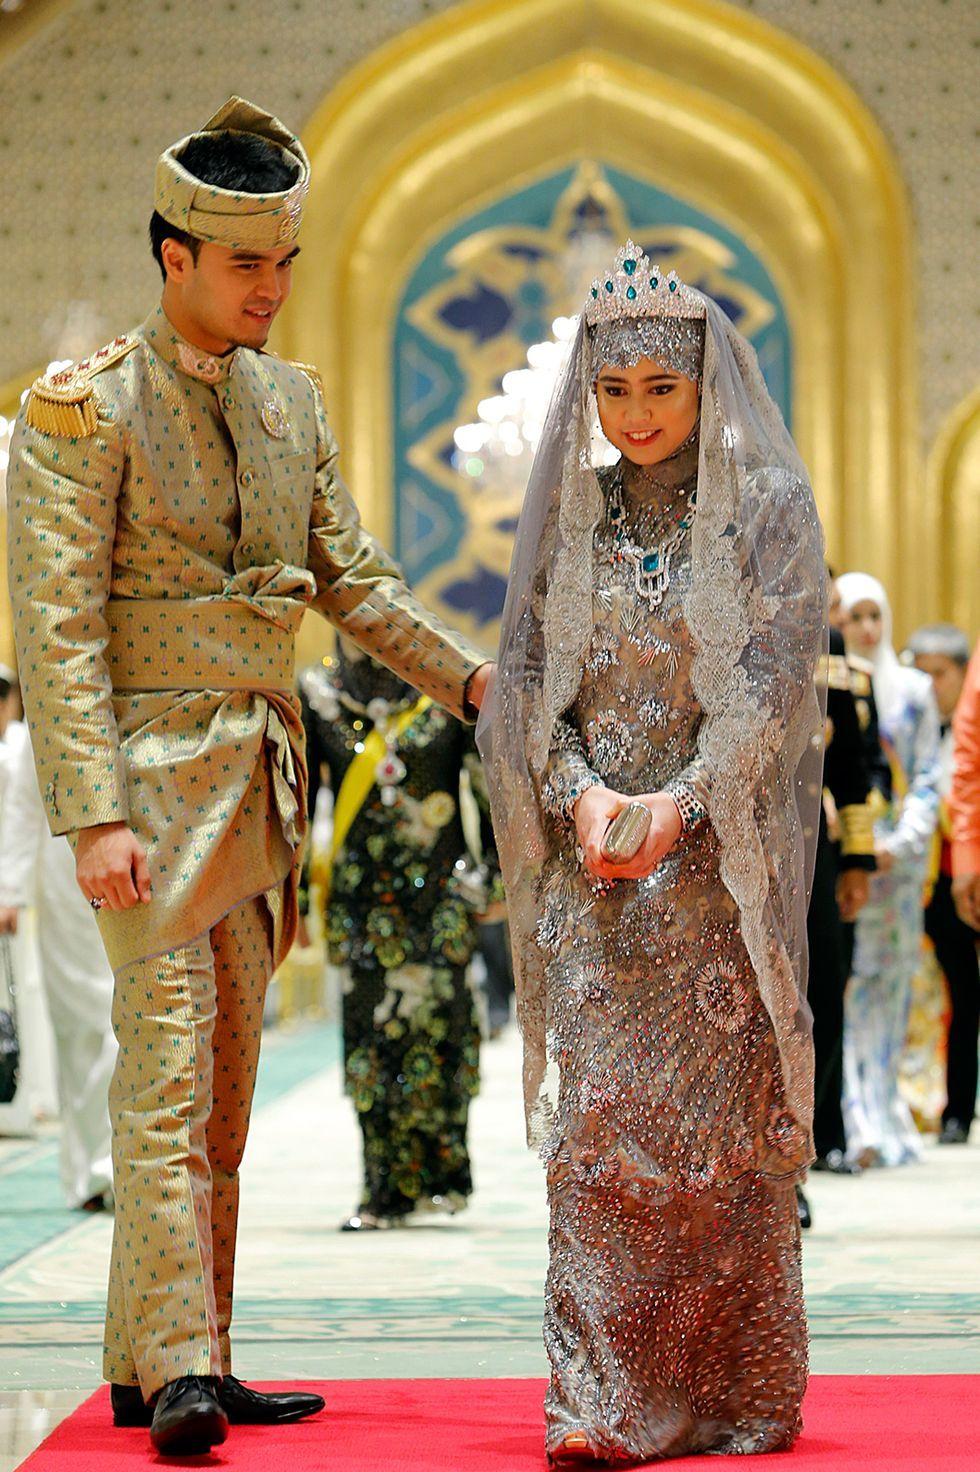 Putri Hajah Hafizah Sururul Bolkiah and Pengiran Haji Muhammad Ruzaini